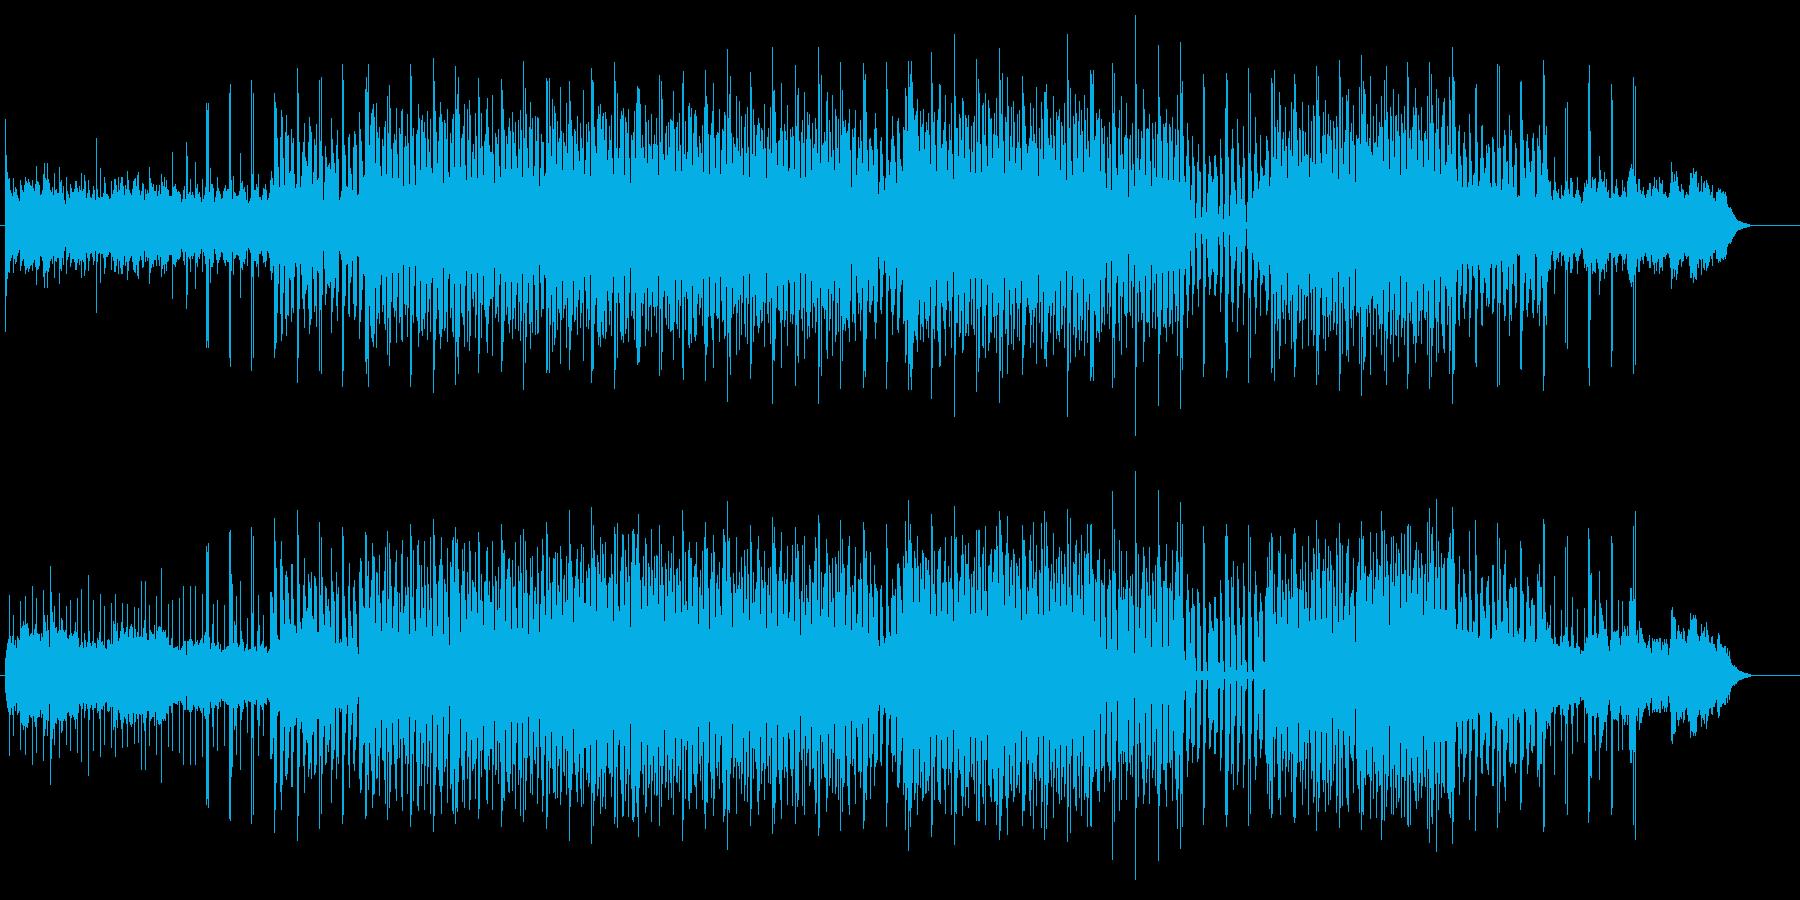 ディープハウスイメージのエレクトロポップの再生済みの波形